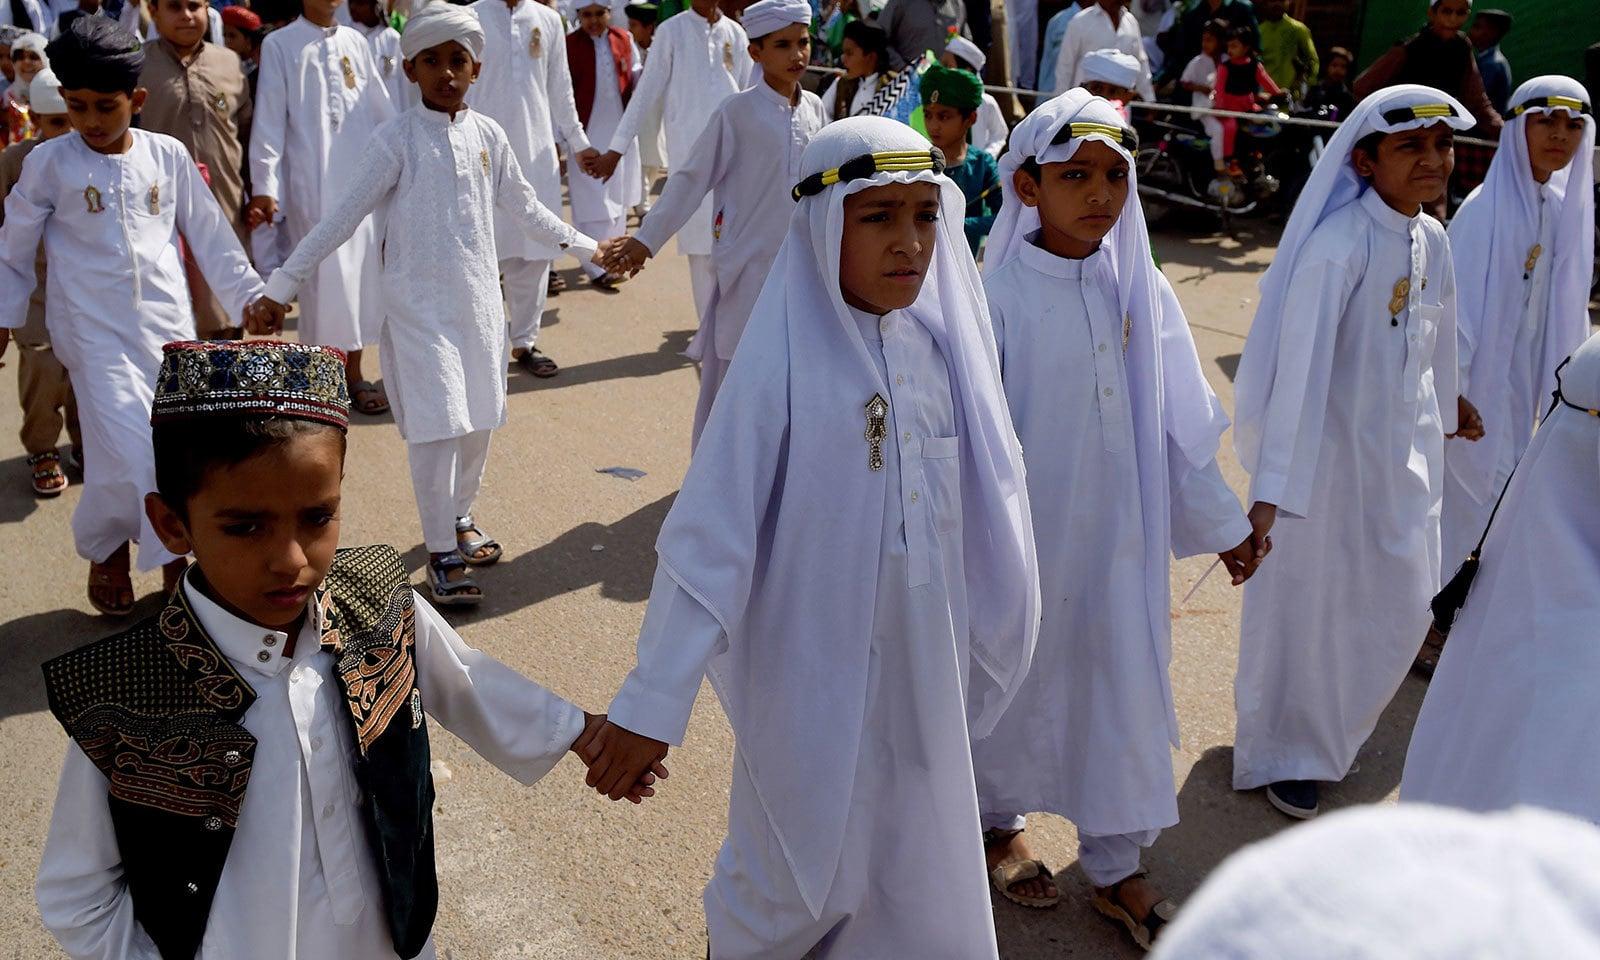 بچوں نے عید میلاد النبیﷺ کے سلسلے میں شہر شہر جلوس نکالے—فوٹو:اے ایف پی